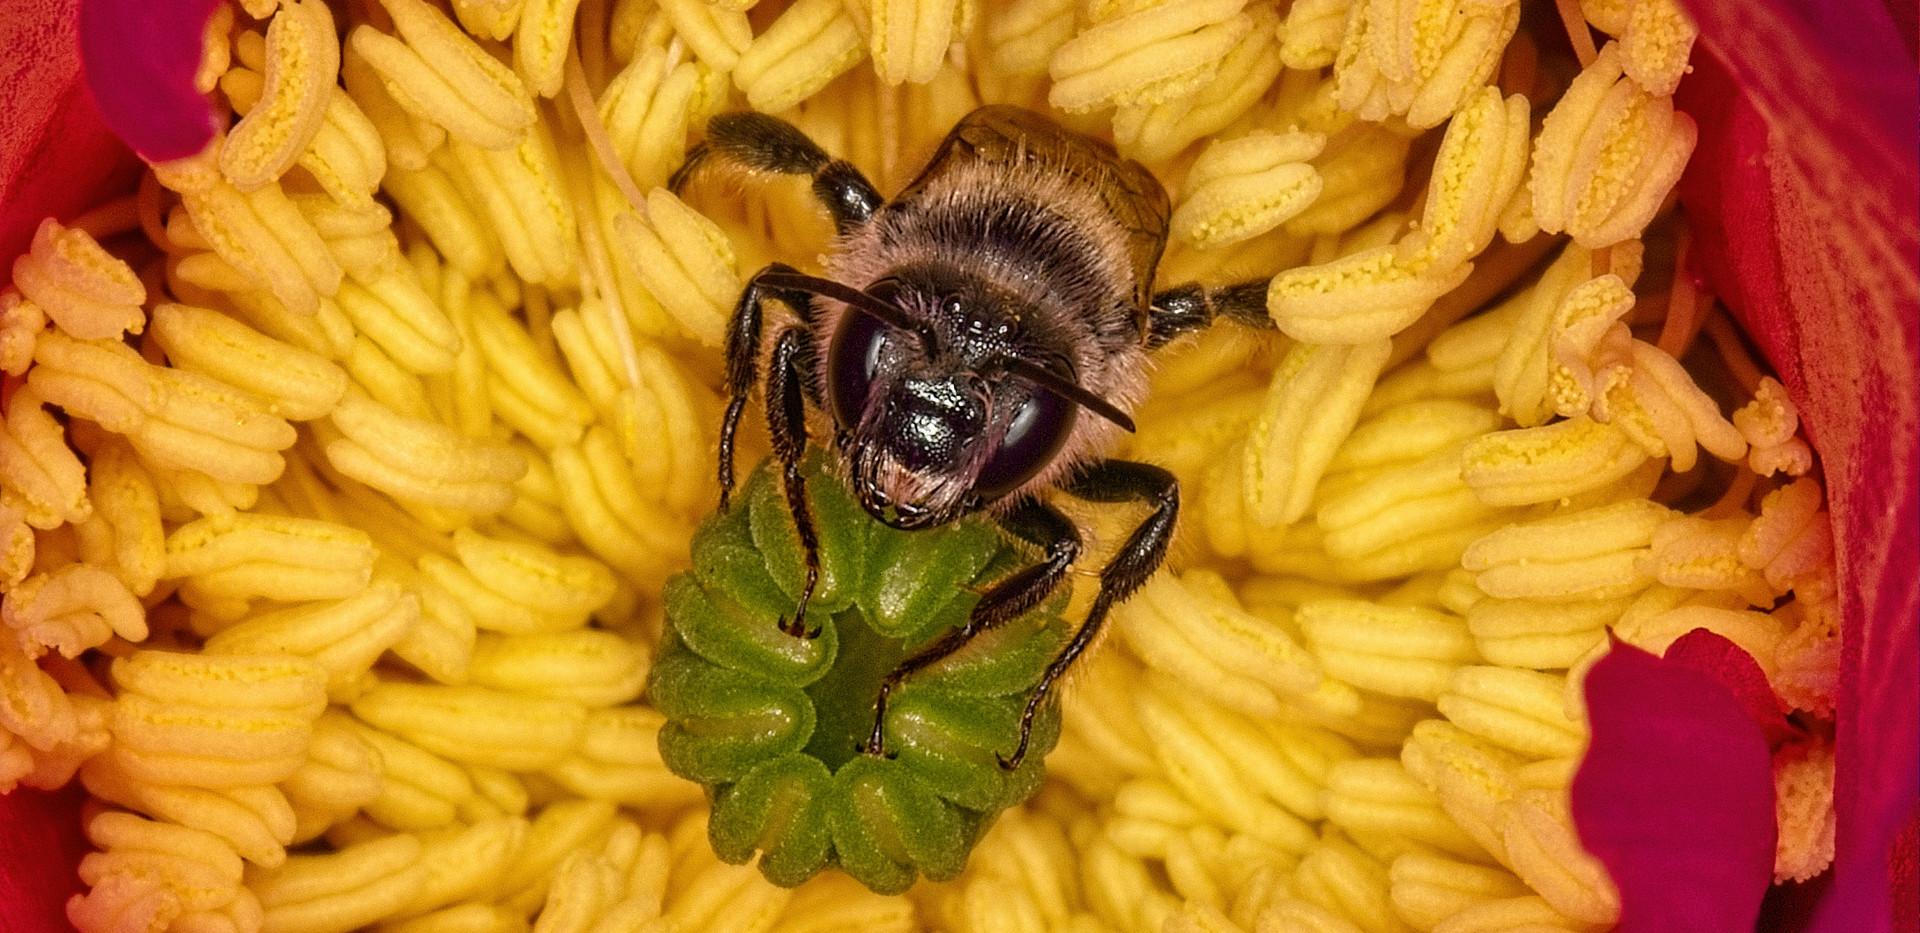 Angry_Bee_MG_8795.jpg